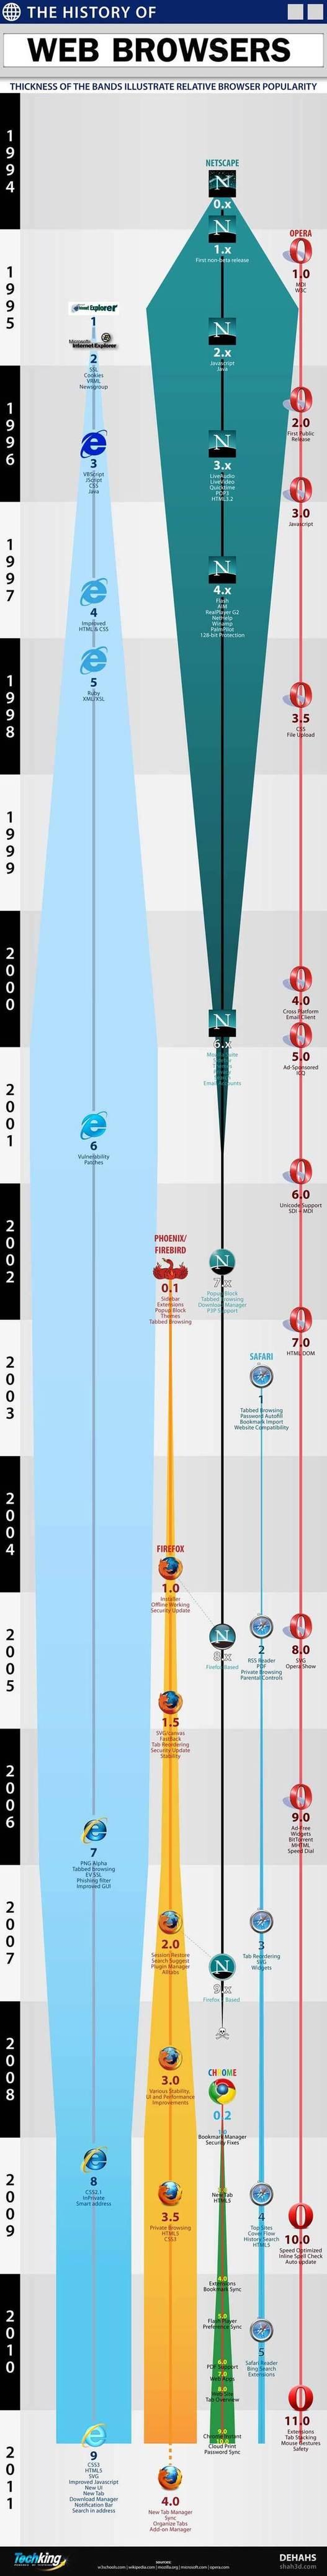 L'histoire des navigateurs Web en 1 image